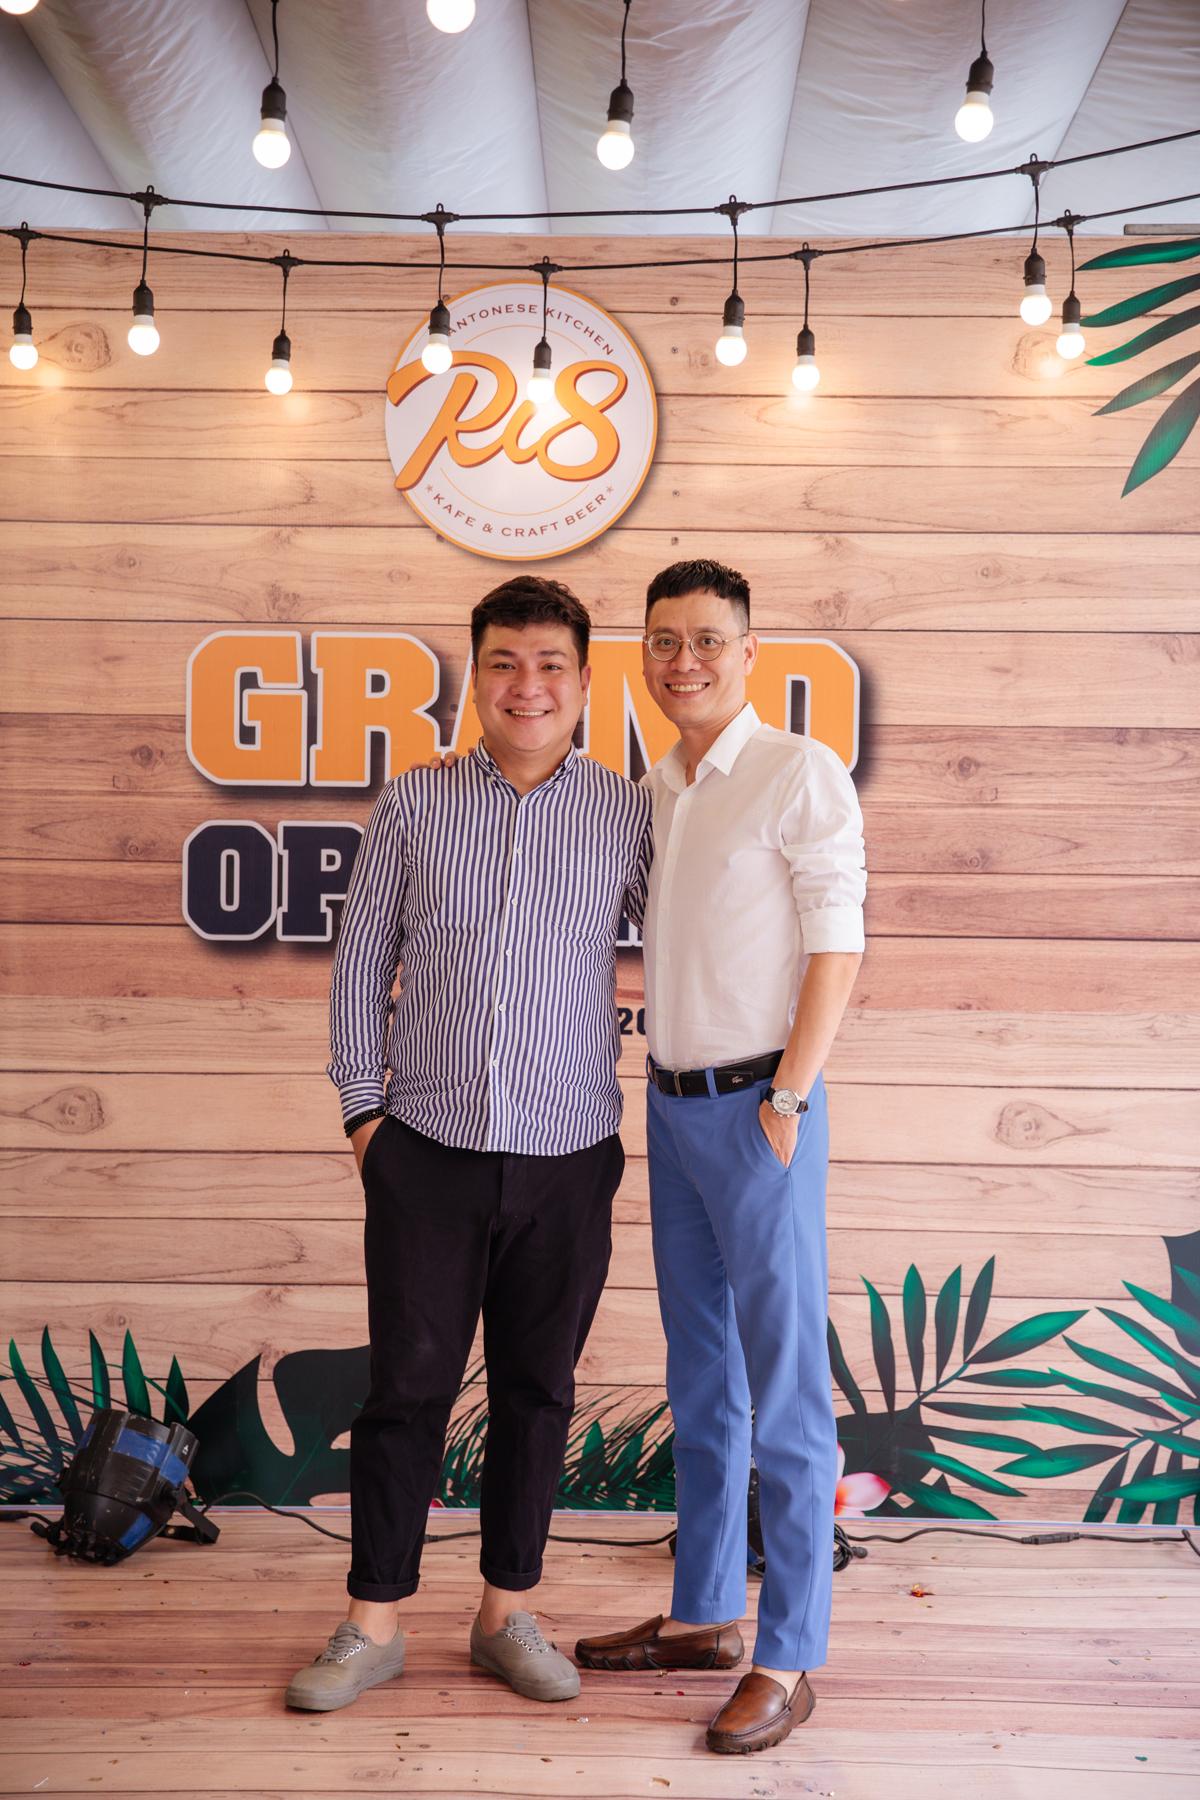 Ông Đồng Sỹ Minh Đức - Tổng giám đốc và ông Bùi Thế Hiển - Phó tổng giám đốc Công ty P2P BeToP cũng có mặt tại buổi lễ khai trương. Khách hàng khi đến thưởng thức các món ẩm thực Trung Hoa tại Ri8 trong tuần lễ khai trương sẽ được tham gia những hoạt động đặc sắc như: thưởng thức các ca khúc nhạc Việt - Hoa trầm lắng trong đêm nhạc Ri8. Bên cạnh đó, khách hàng còn được trải nghiệm thử món ăn miễn phí áp dụng trong trong 3 ngày (từ ngày 28/7 đến 30/7) cùng nhiều ưu đãi hấp dẫn như: giảm giá 10% trên tổng hóa đơn, thưởng thức các món ăn với mức giá ưu đãi chỉ từ 55.000 đồng. RI8 còn chuẩn bị kèm các phần quà tặng mang đậm phong cách Trung Hoa như xửng dimsum... dành riêng cho thực khách.